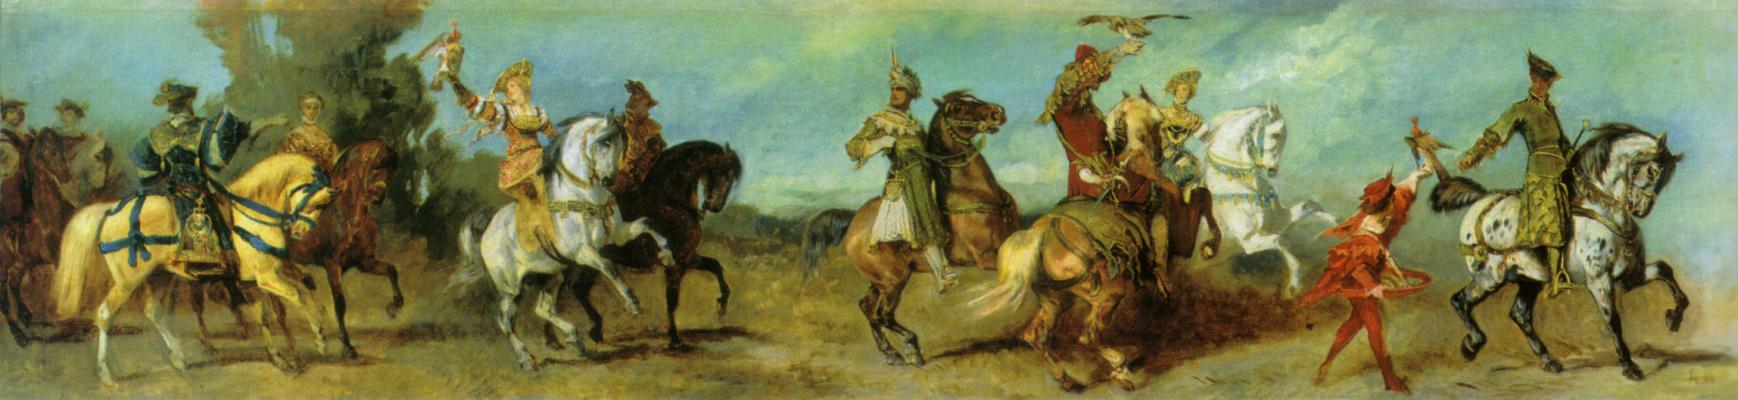 Hans Makart. Hunting